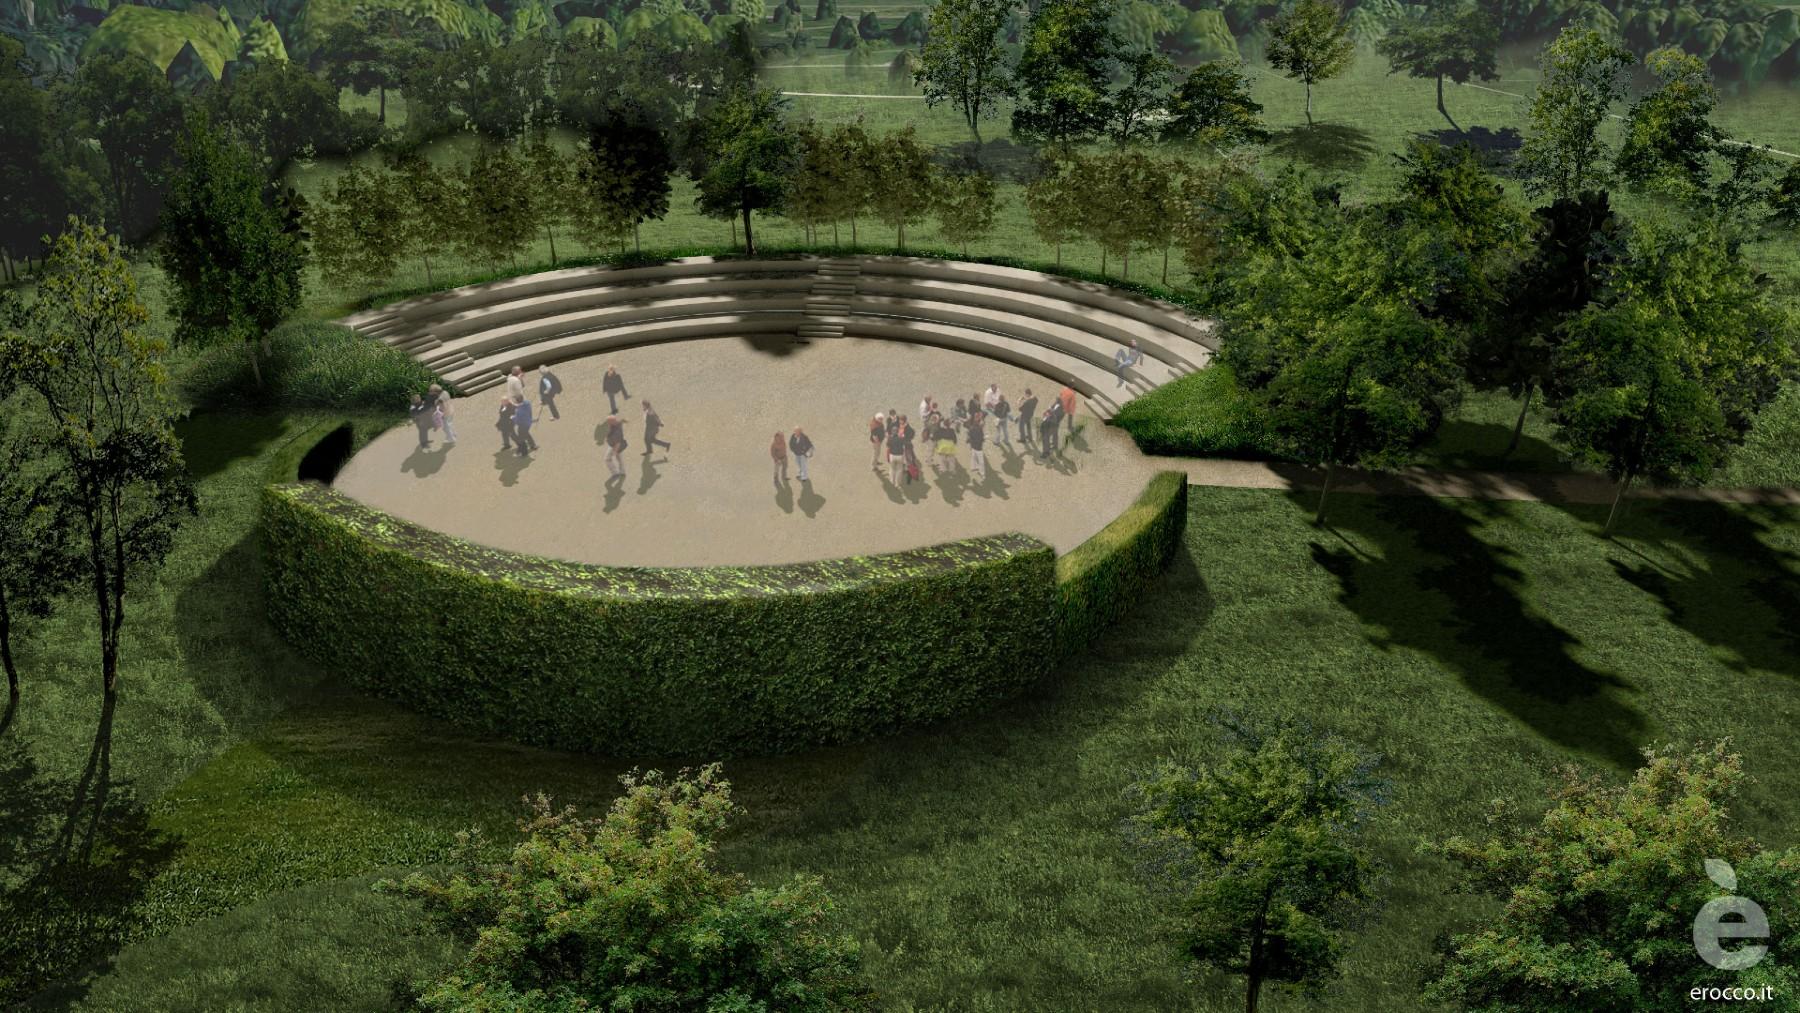 Parco Santa Croce - Un polmone verde cittadino con 10.000 piante